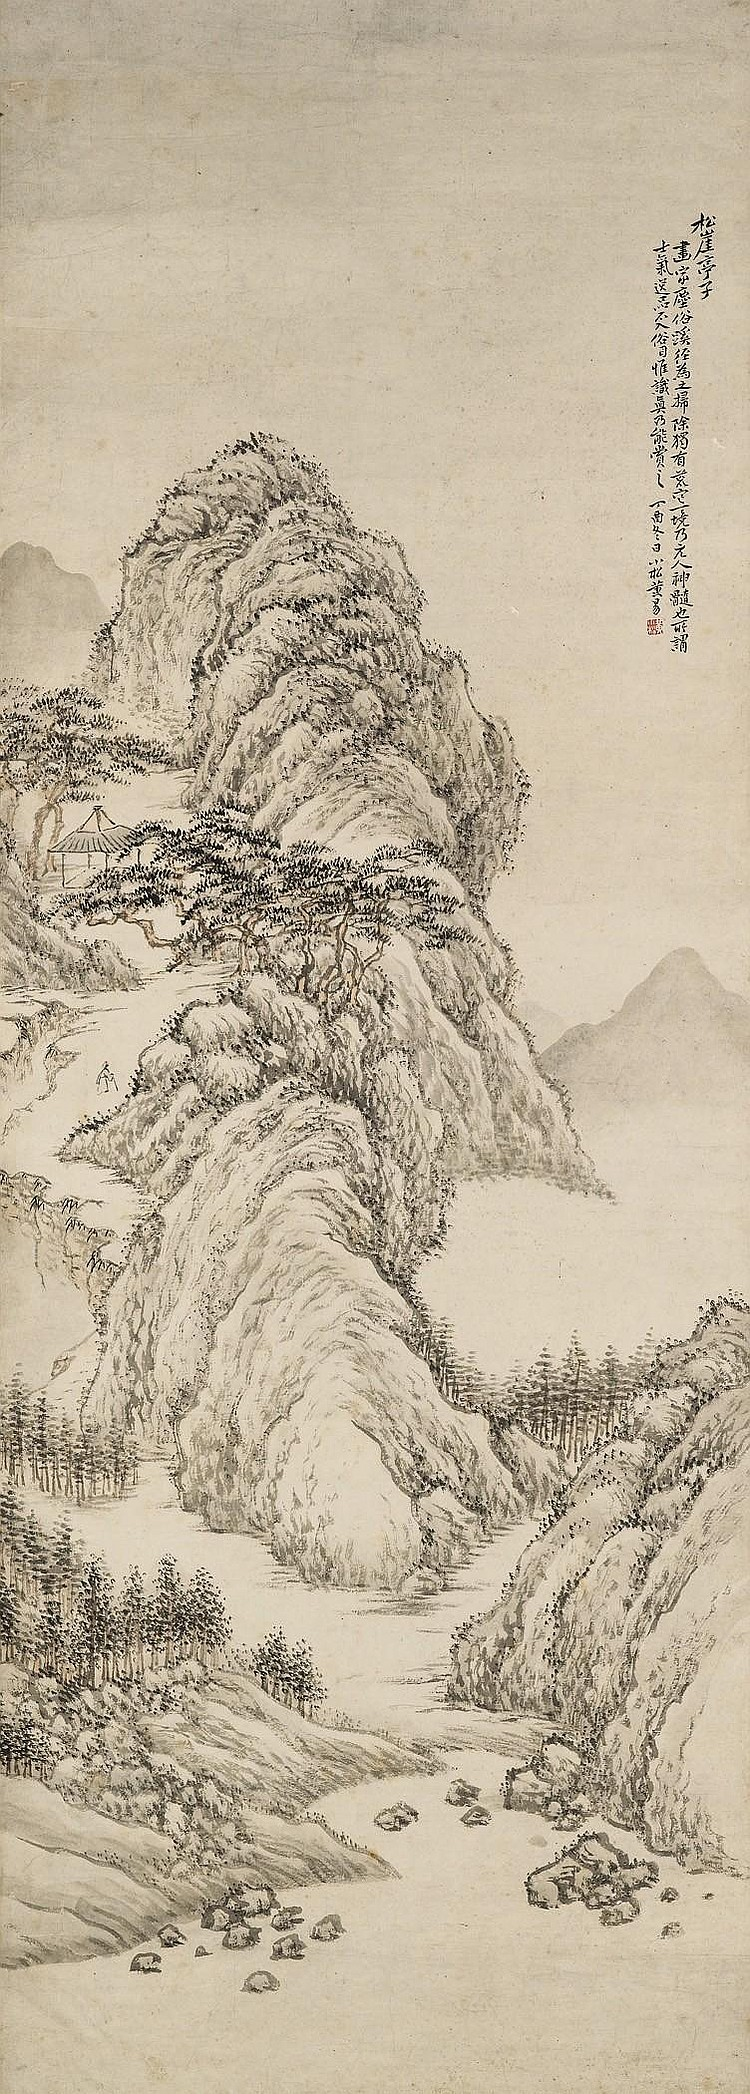 HUANG YI (1744-1802)